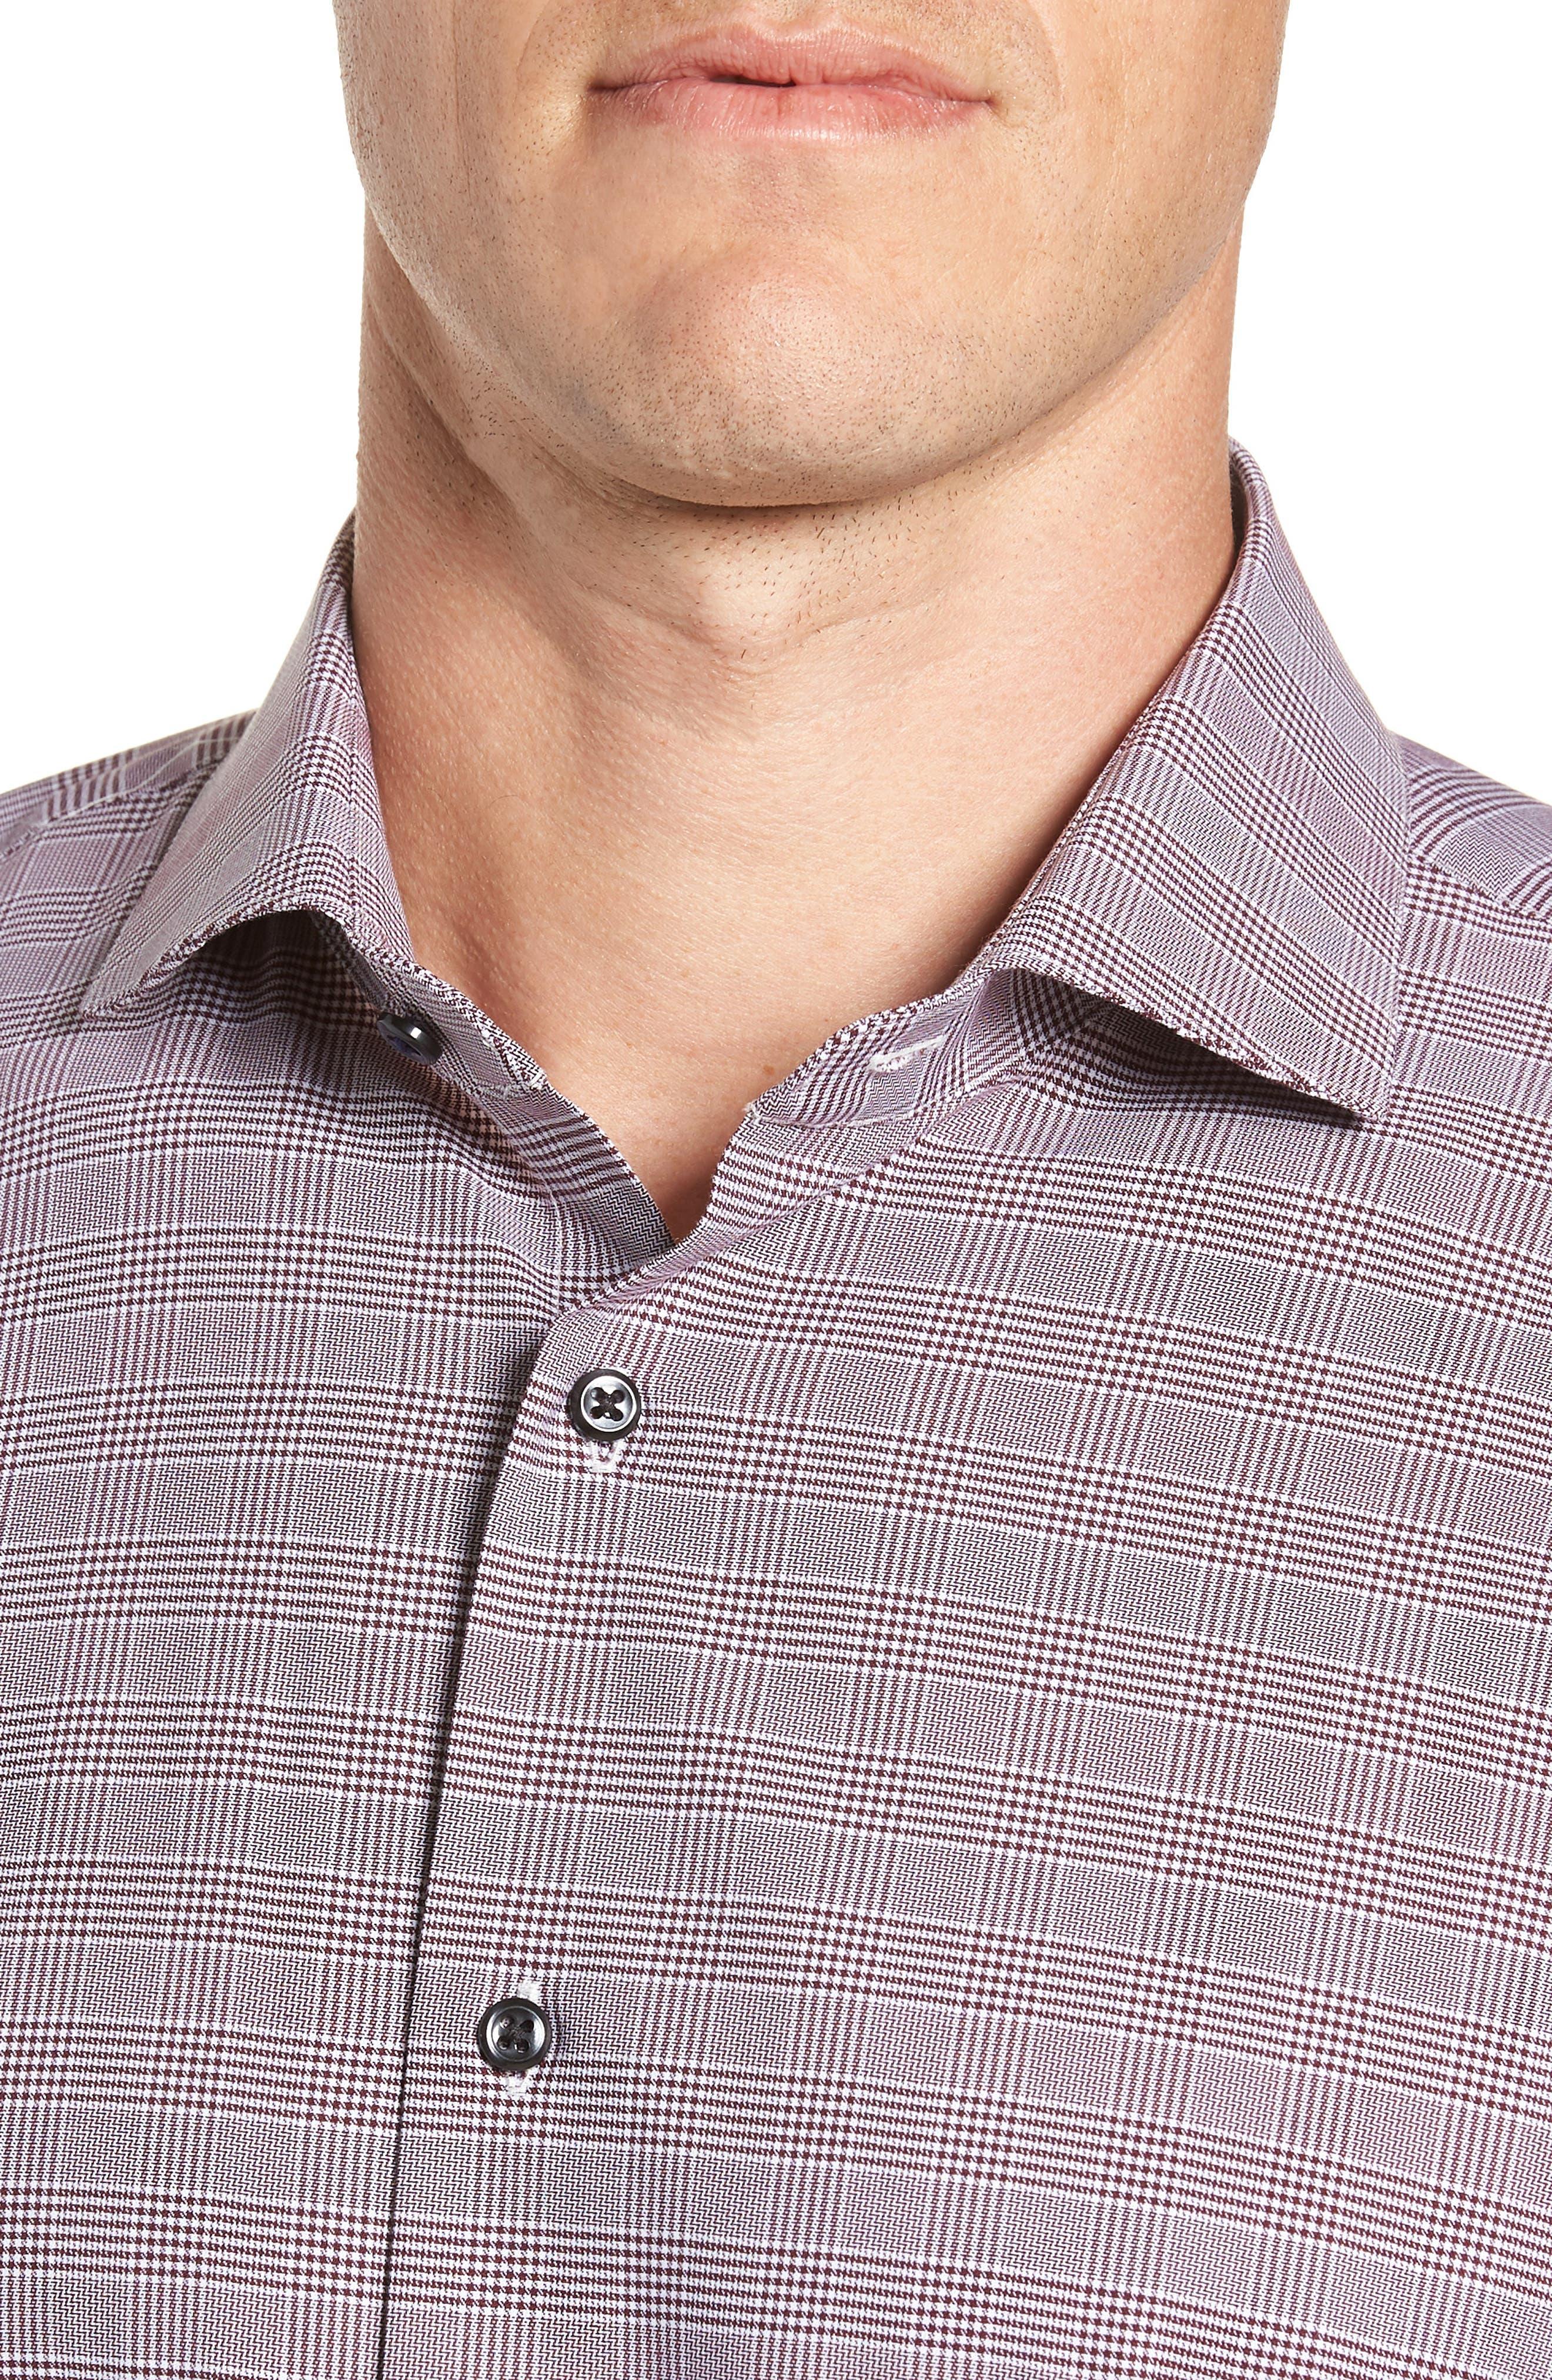 Tech-Smart Trim Fit Stretch Plaid Dress Shirt,                             Alternate thumbnail 8, color,